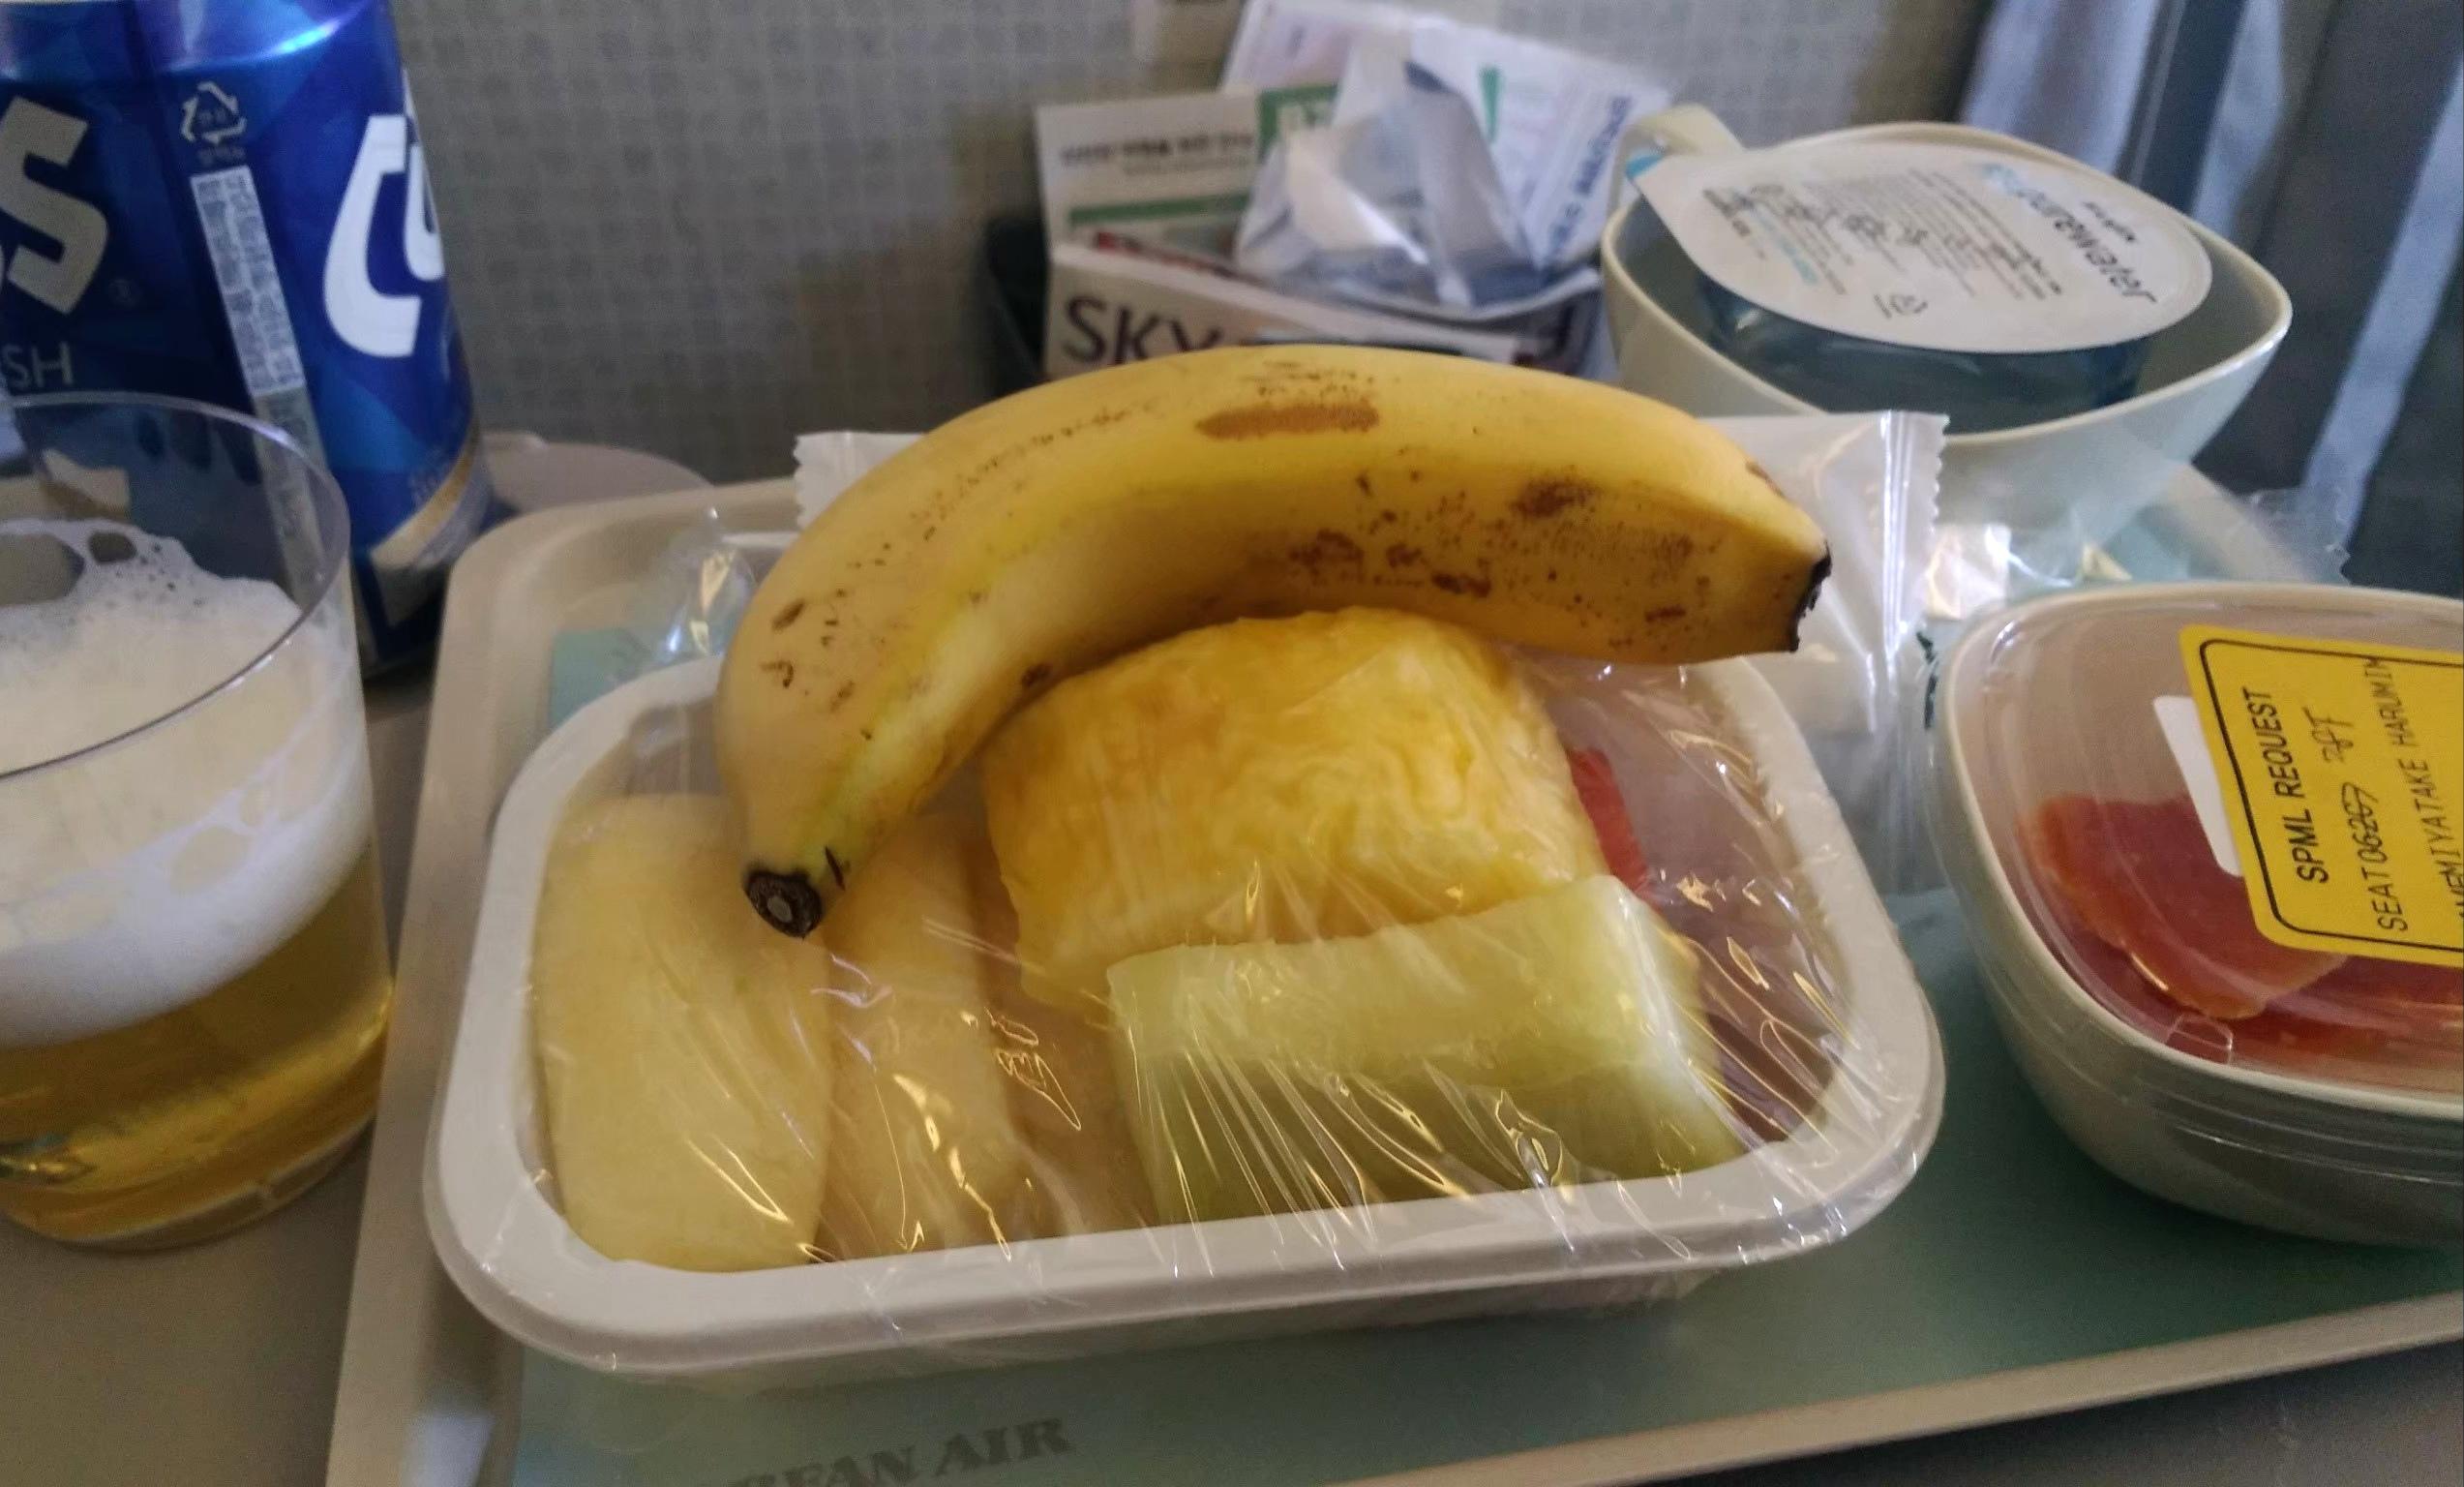 大韓航空 KoreanAir KE 機内食 特別機内食 フルーツミール